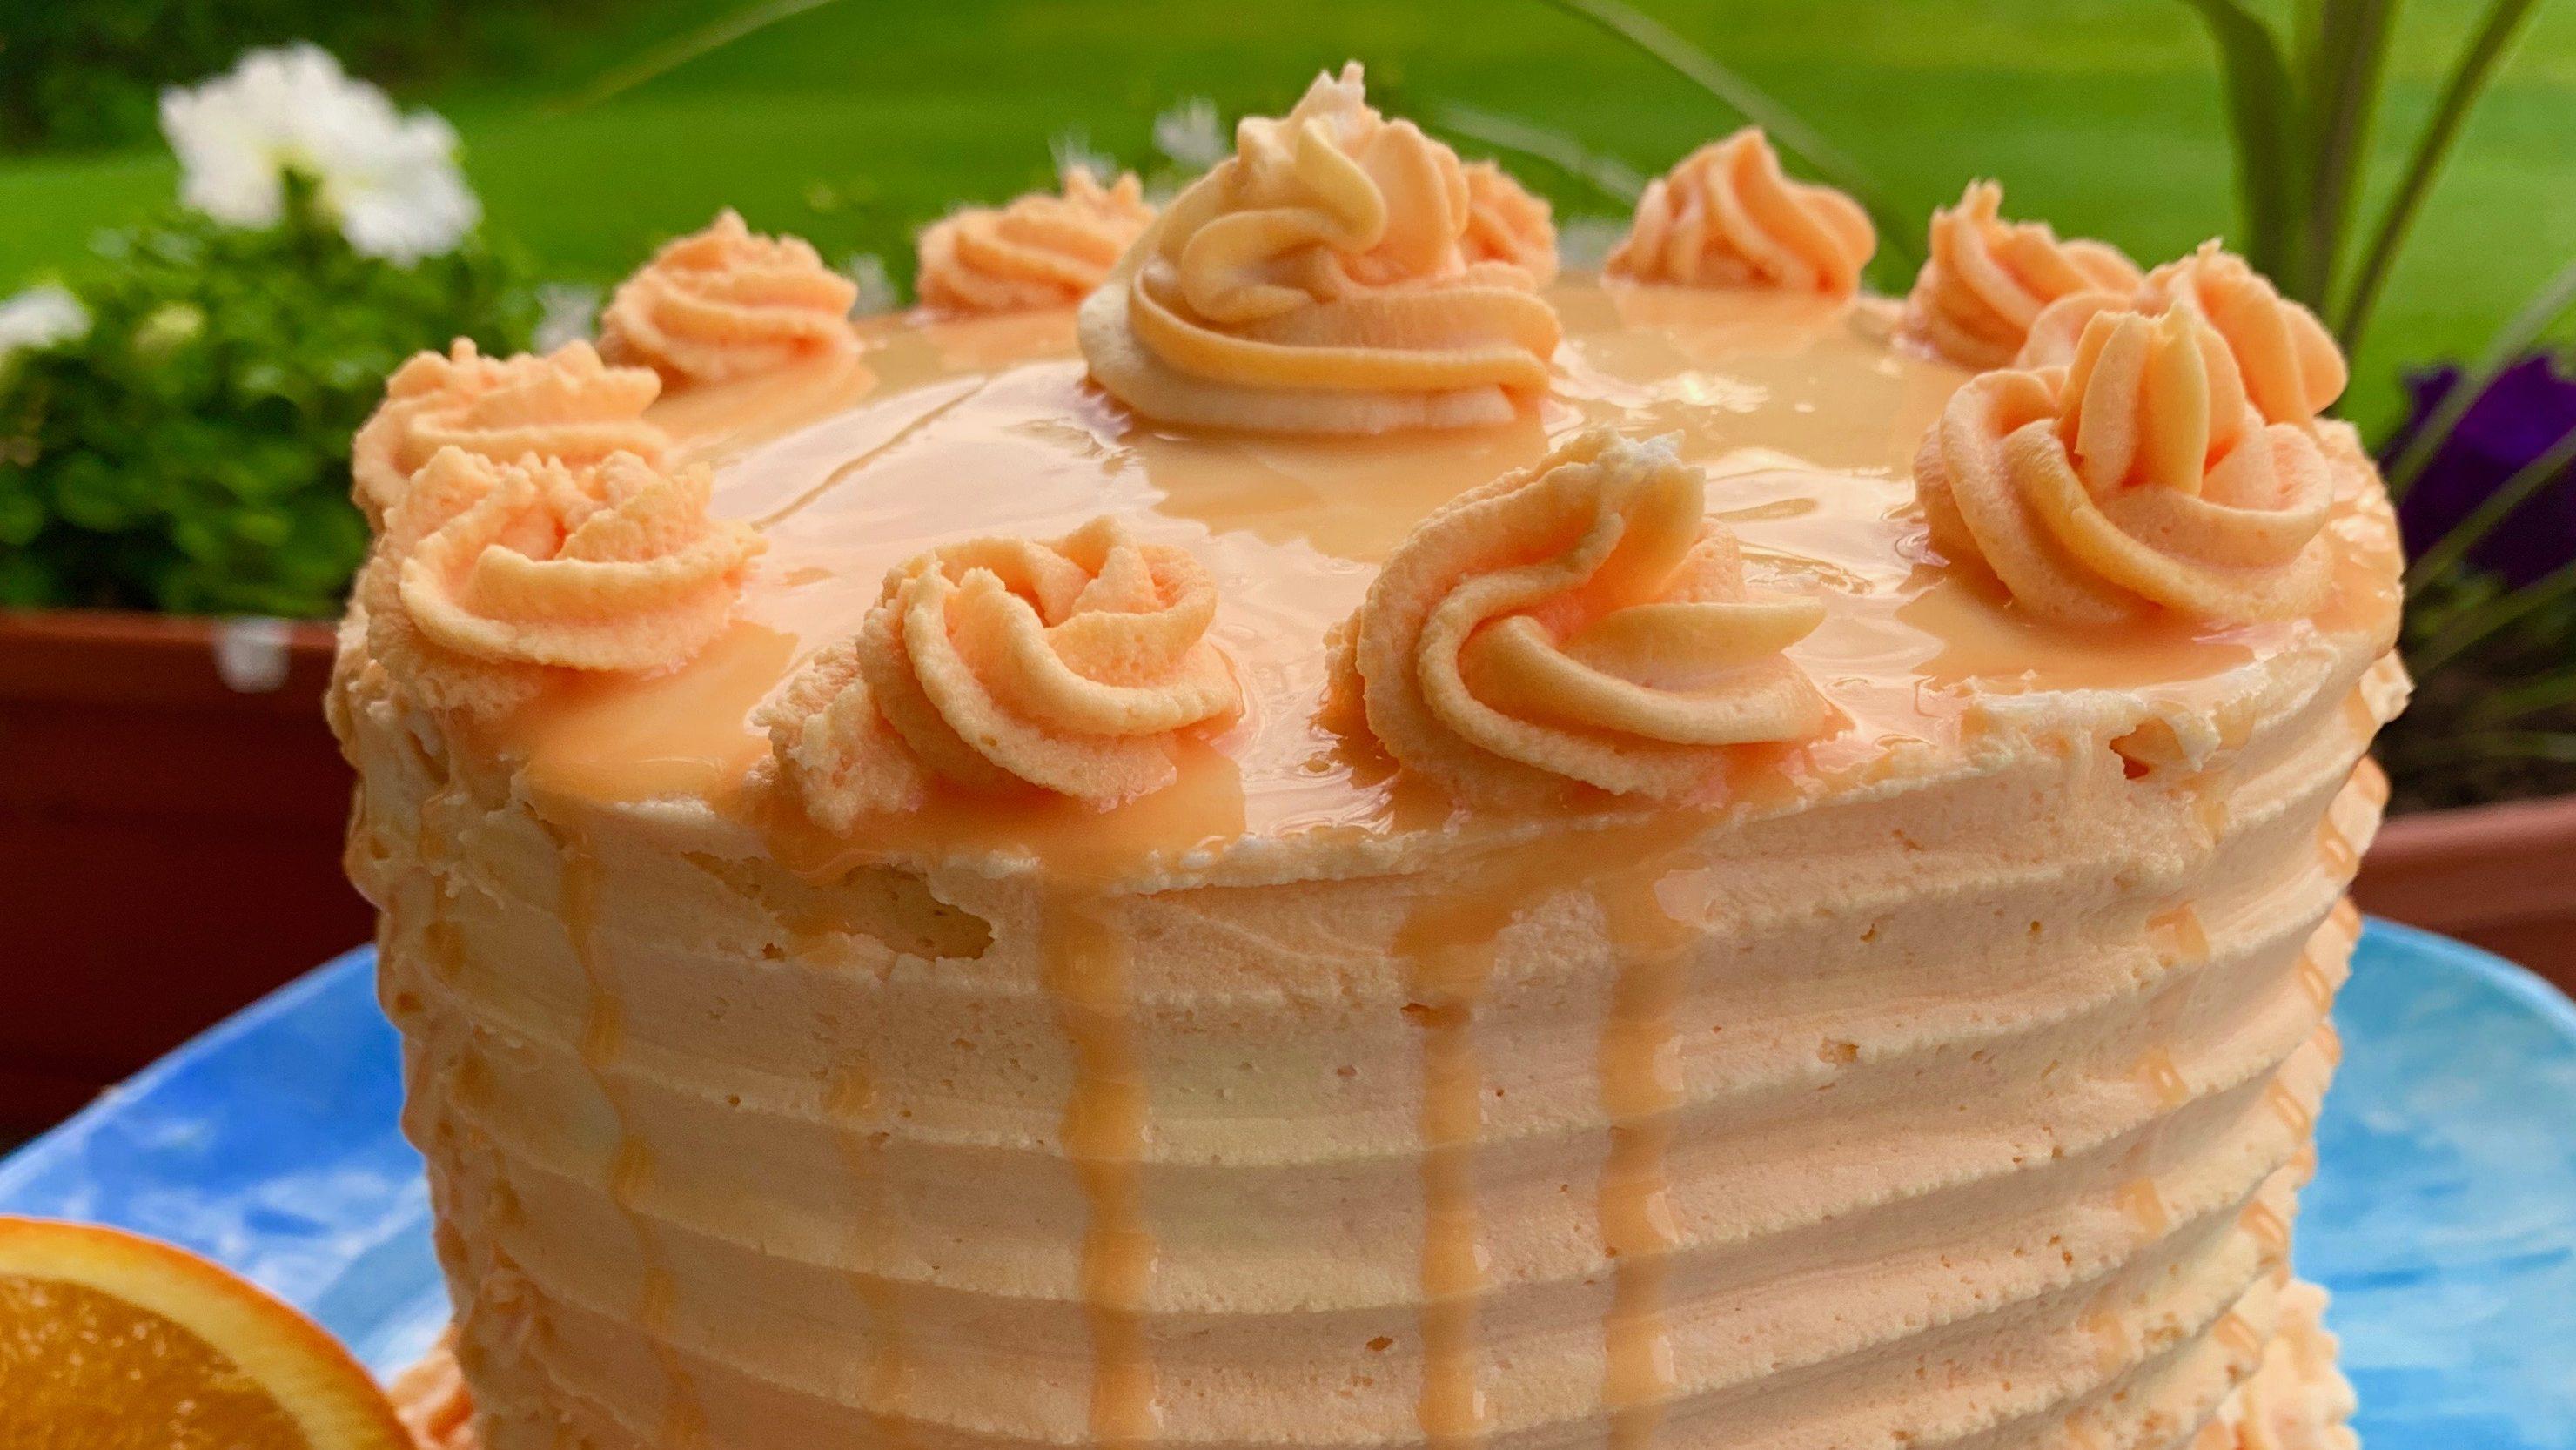 Orange Creamsicle Cake Recipe- Made from Scratch via @susanmylovingoven.com